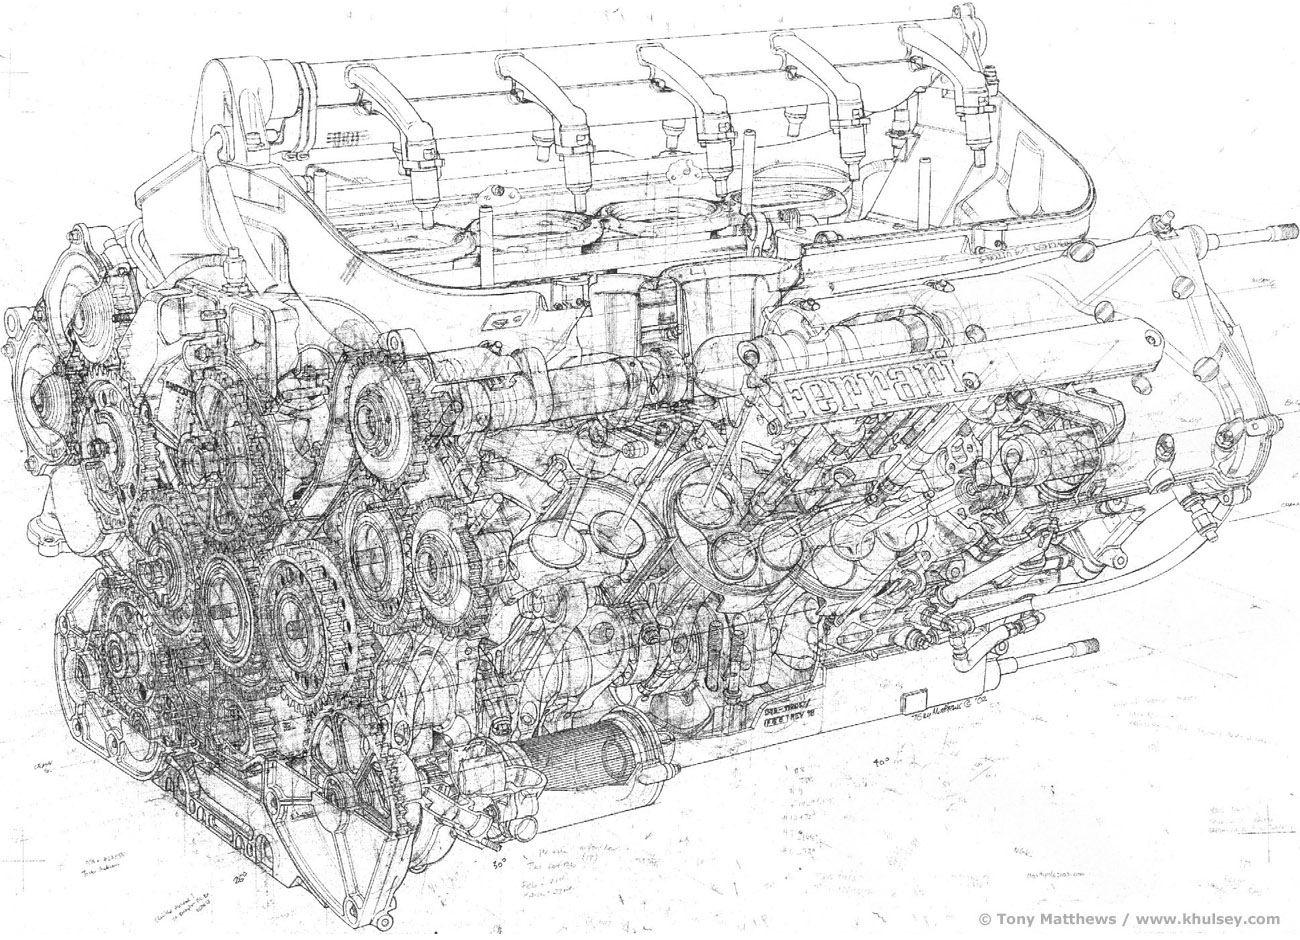 medium resolution of ferrari engine diagram wiring diagram today ferrari engine diagram ferrari engine diagram